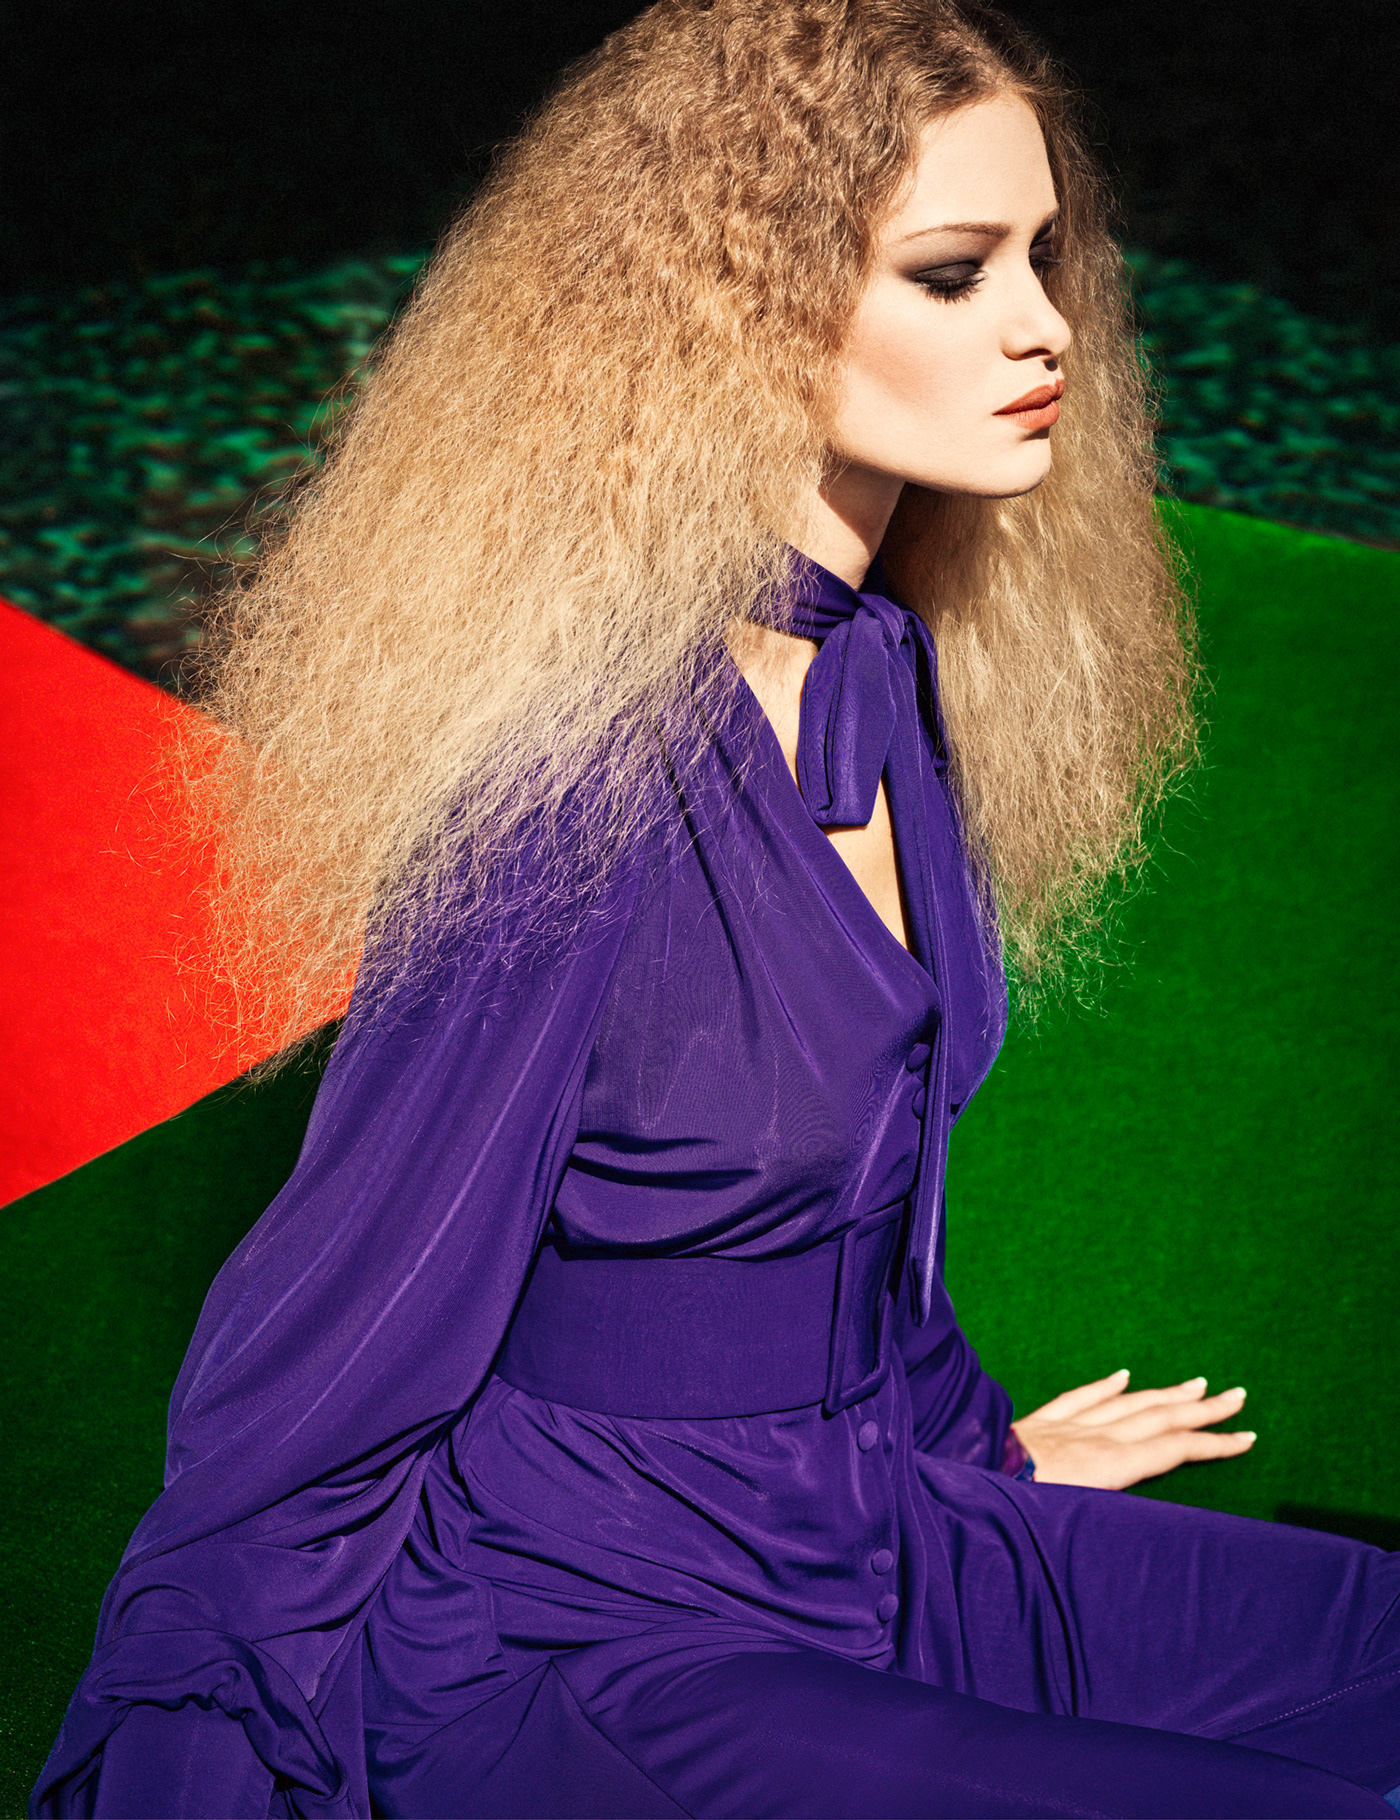 ULTRAVIOLET / Photography Elena Iv-skaya Model Valérie Vialo